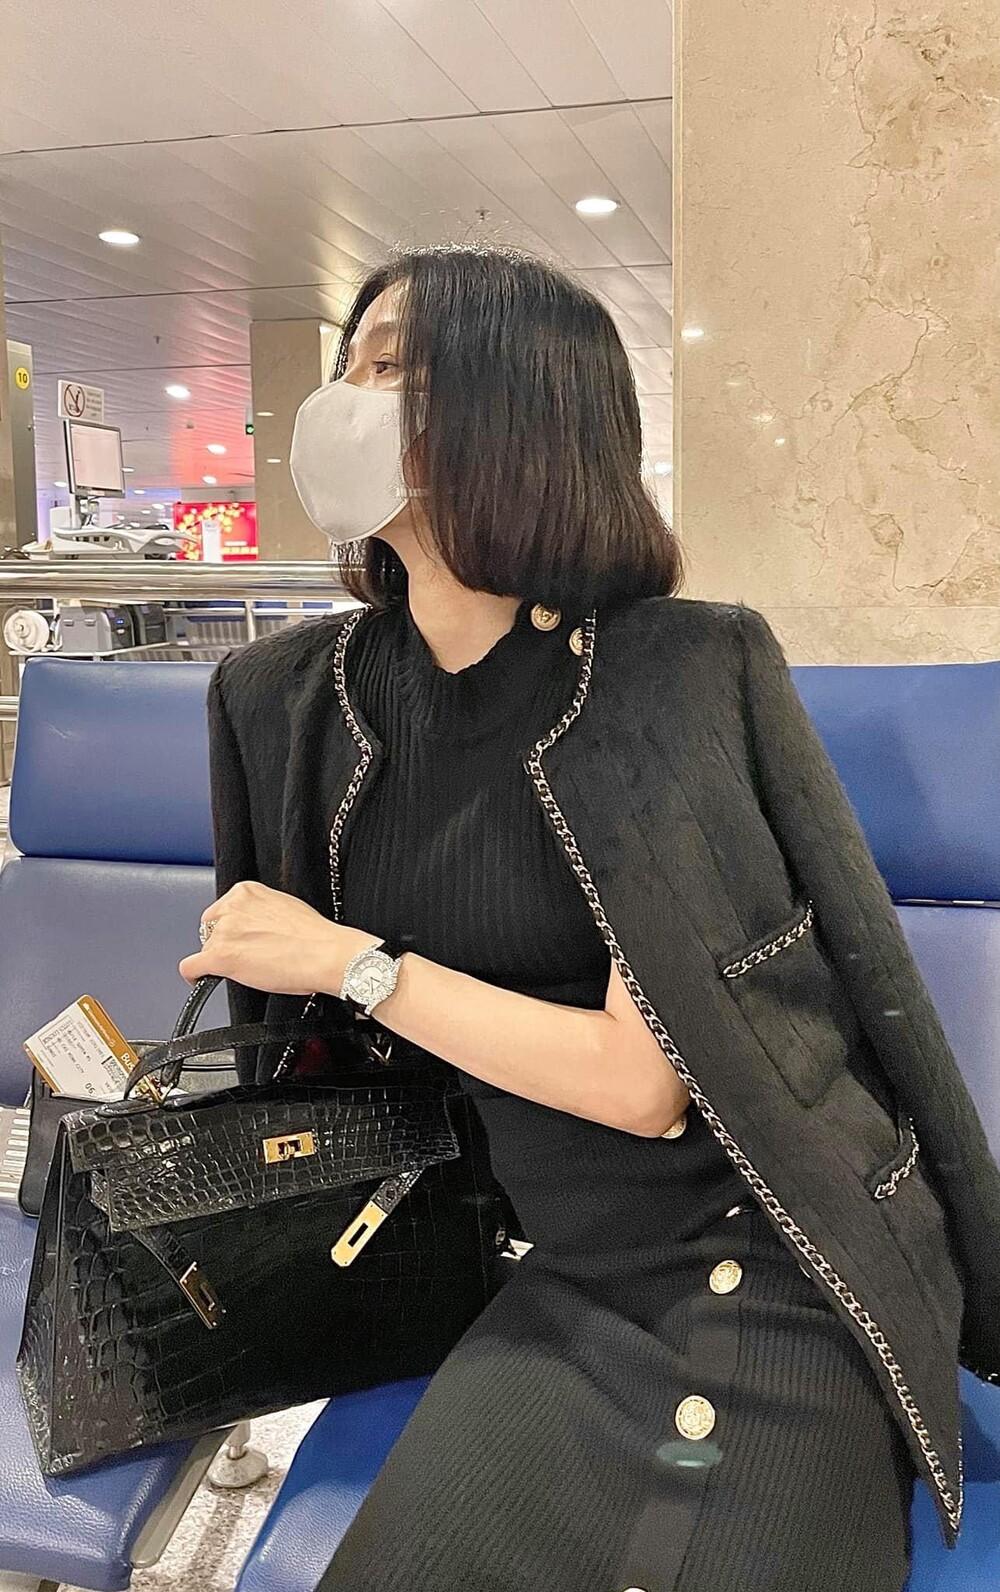 Chơi túi hiệu như Lệ Quyên: Trang phục nào, túi màu đó, khẳng định đẳng cấp đại gia Vbiz - Ảnh 7.